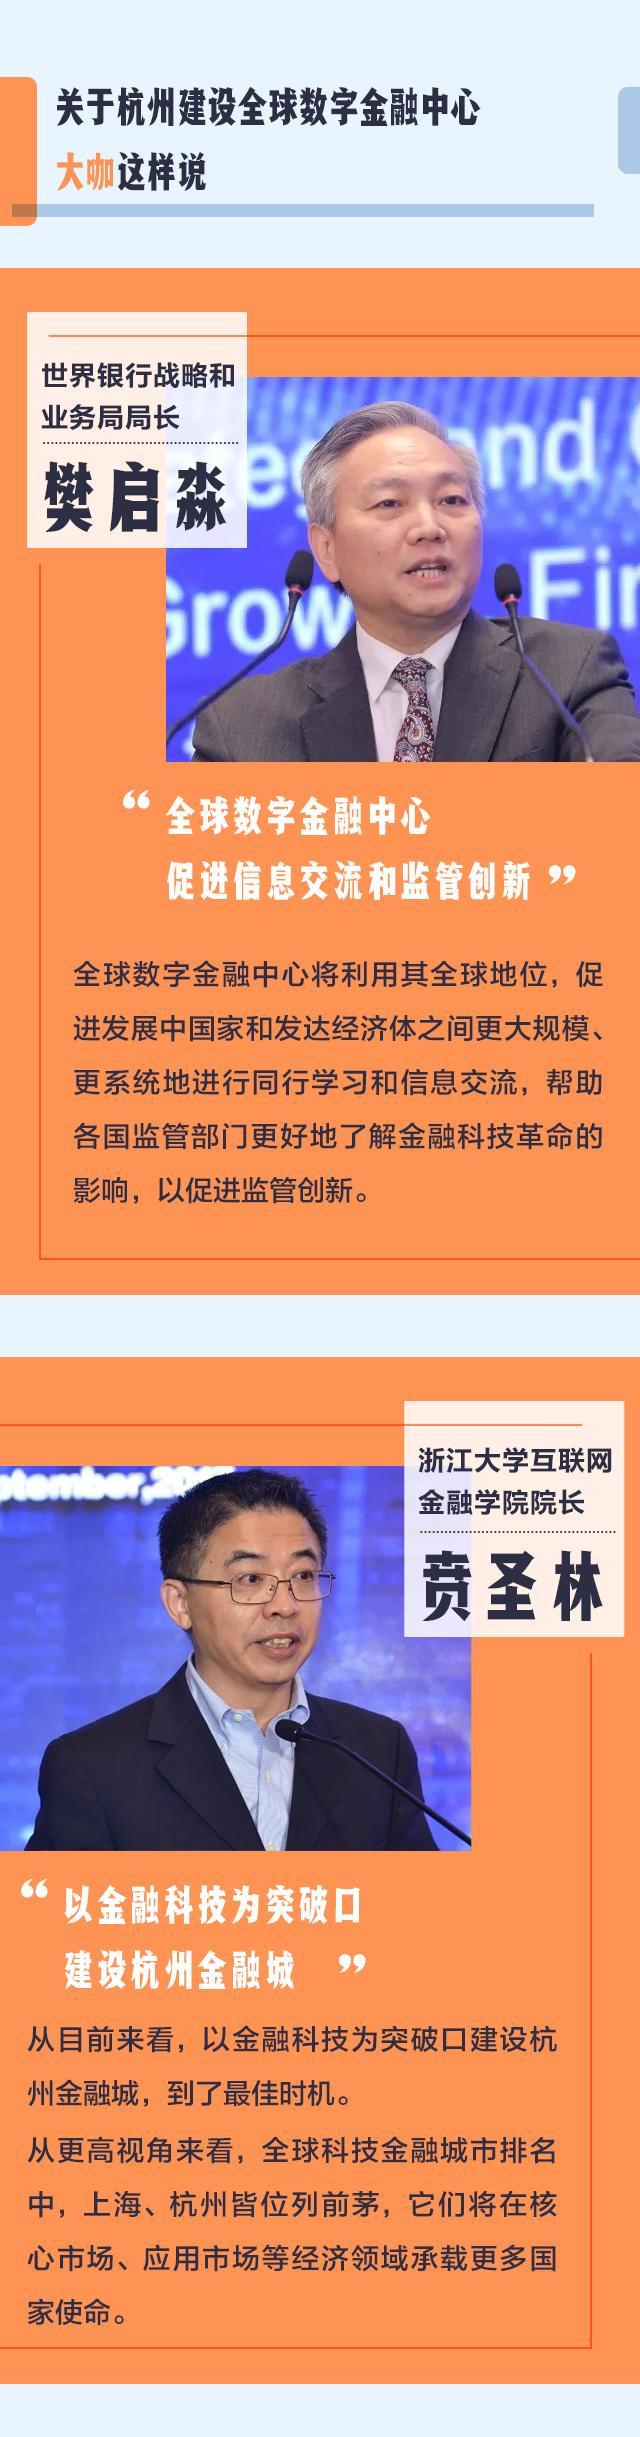 钱塘江_05.jpg